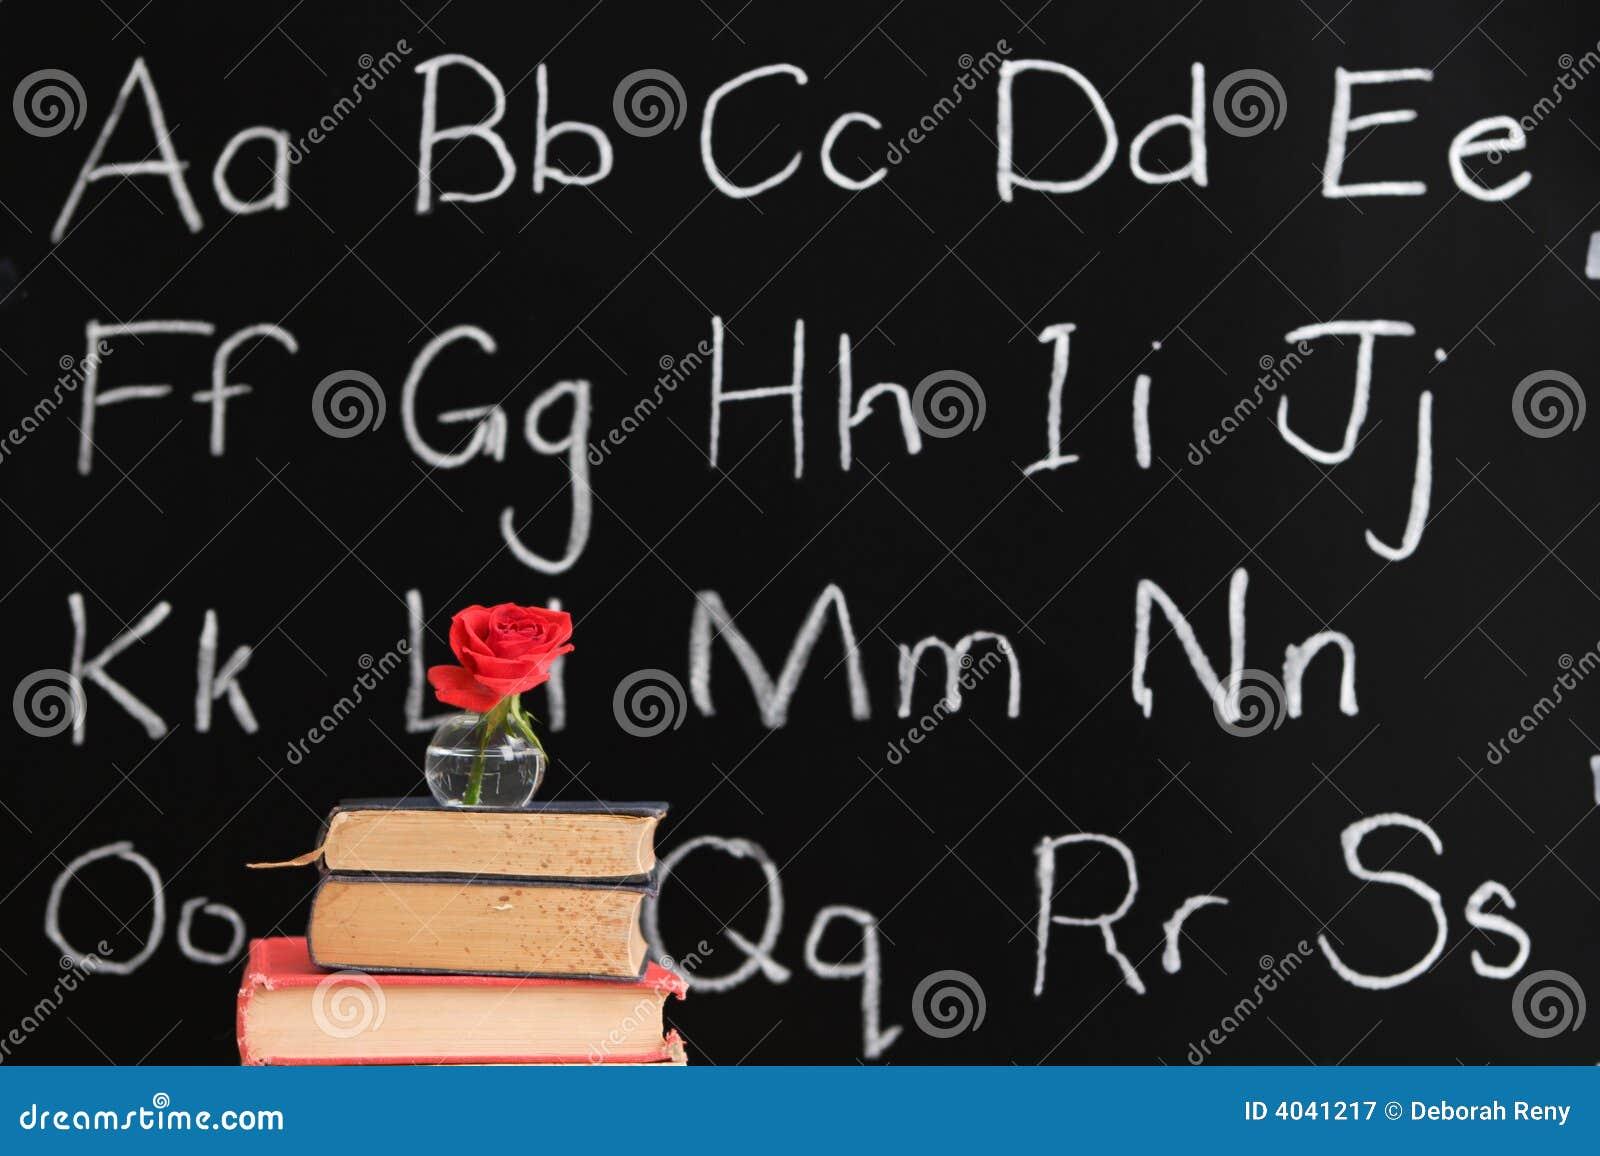 Поздравление учителю по английскому языку с др